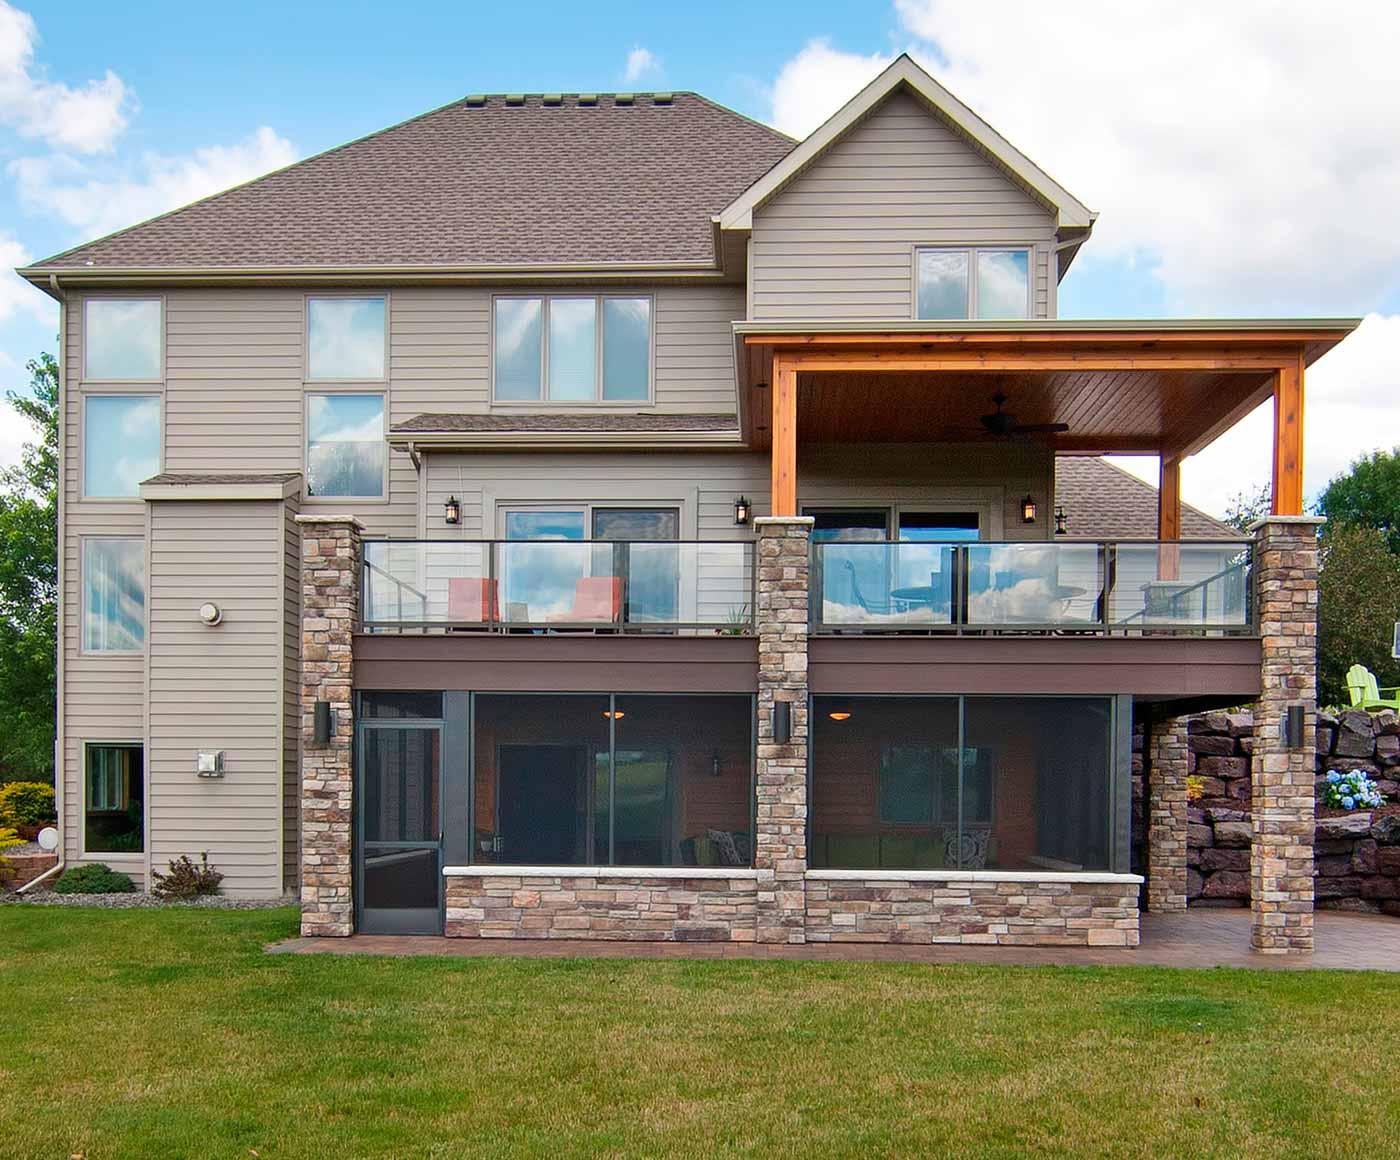 Outdoor Living Space & Backyard Gallery | James Barton Design-Build